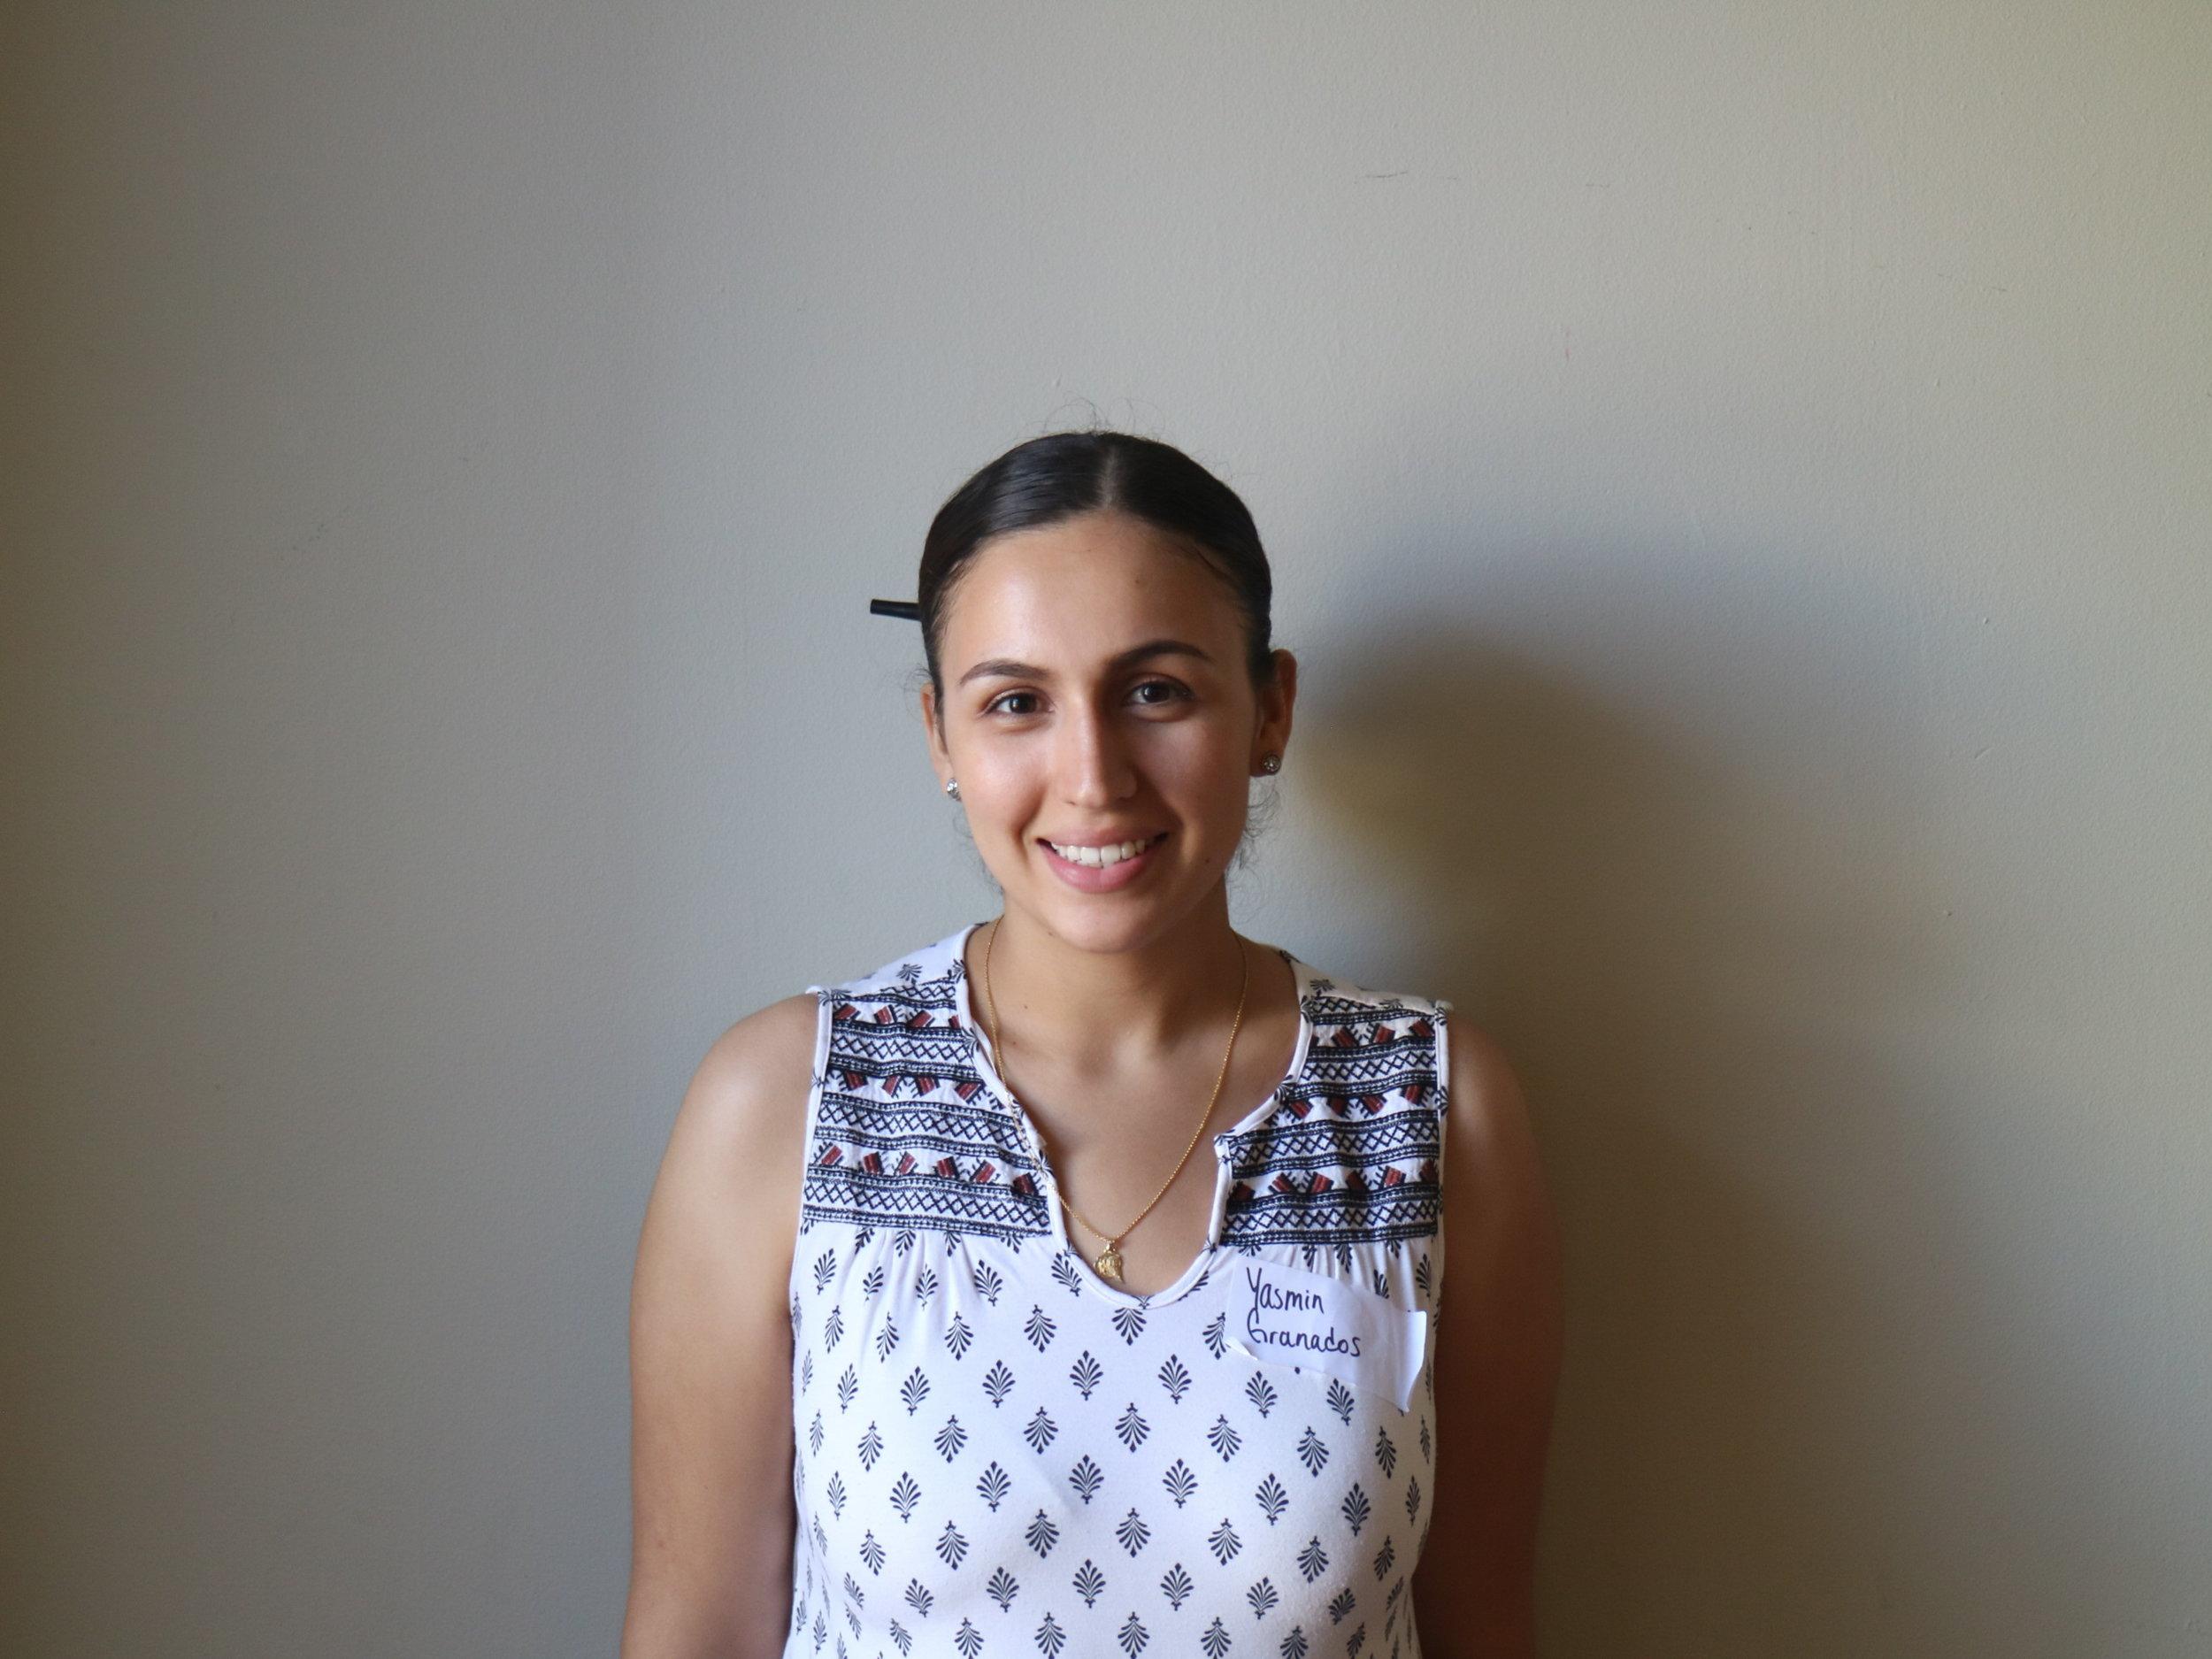 Yasmin Granados